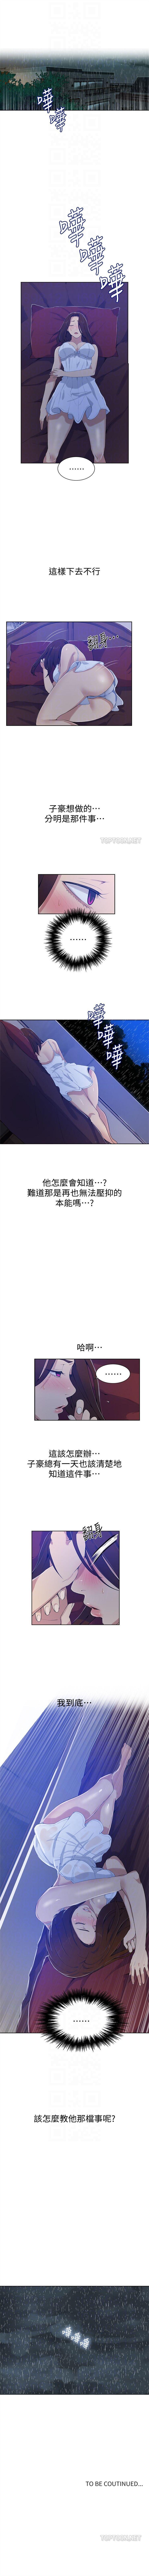 秘密教學  1-55 官方中文(連載中) 139